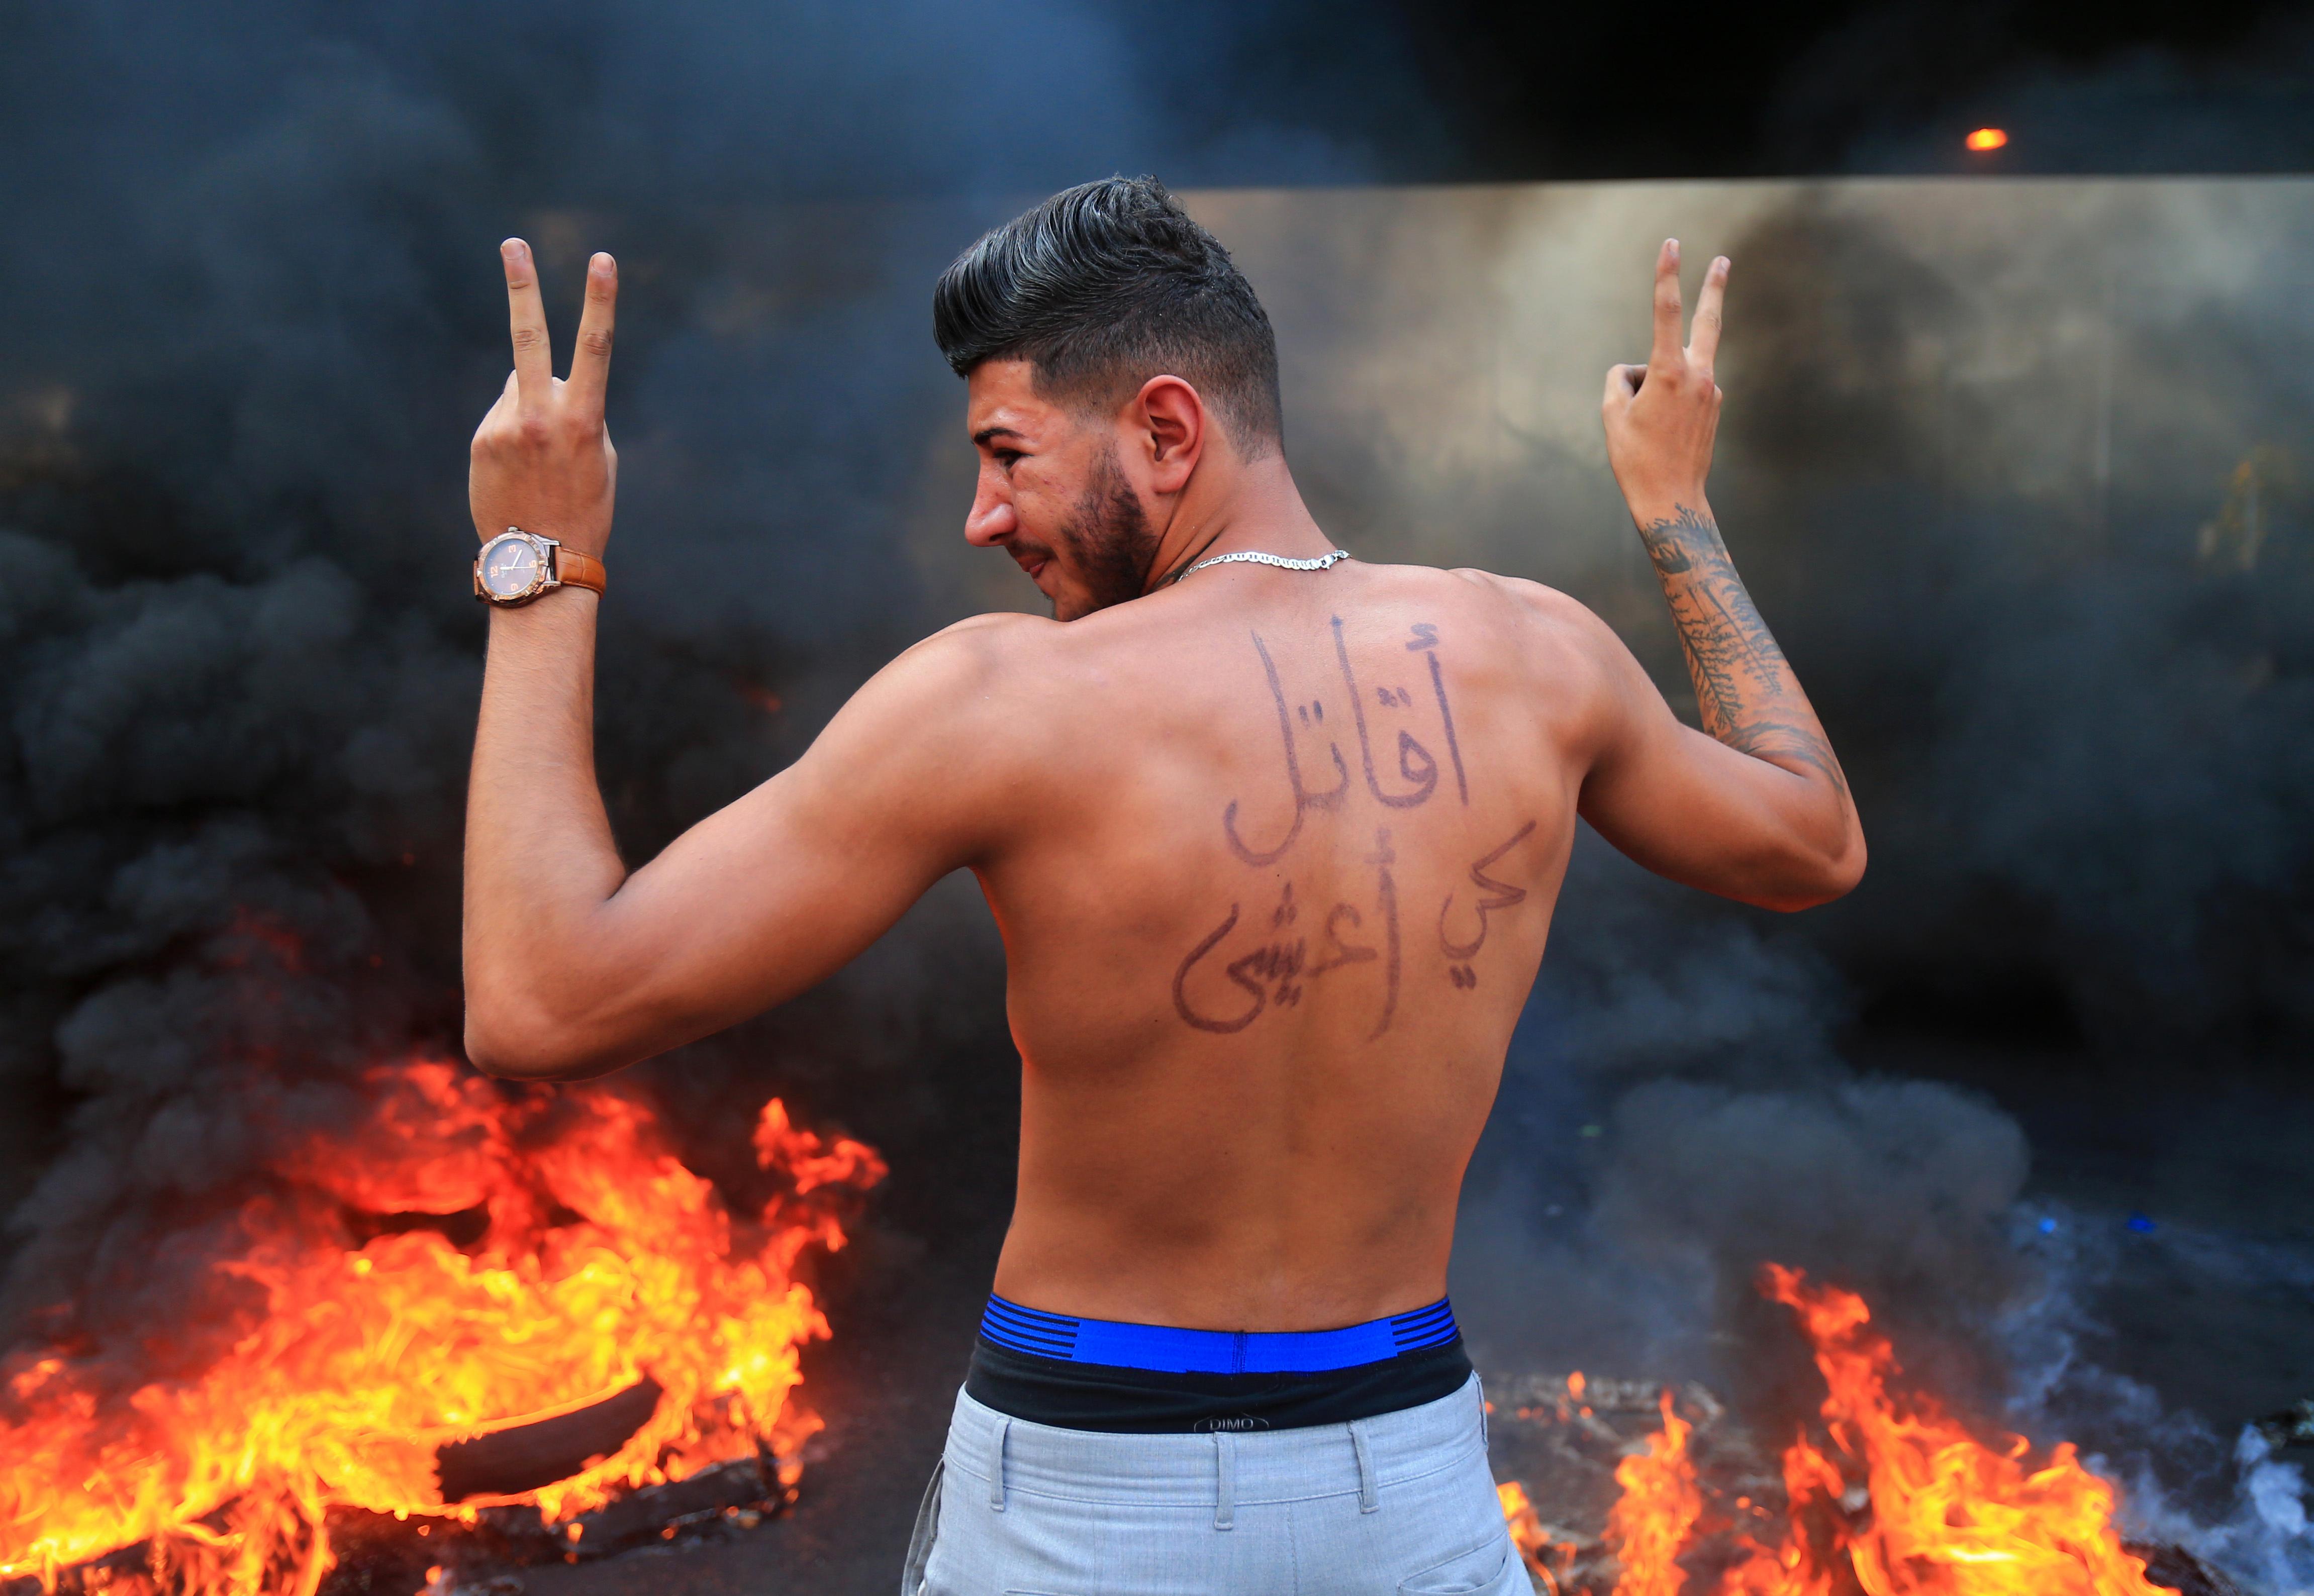 """متظاهر في لبنان كتب على ظهره: """"أقاتل كي أعيش"""""""